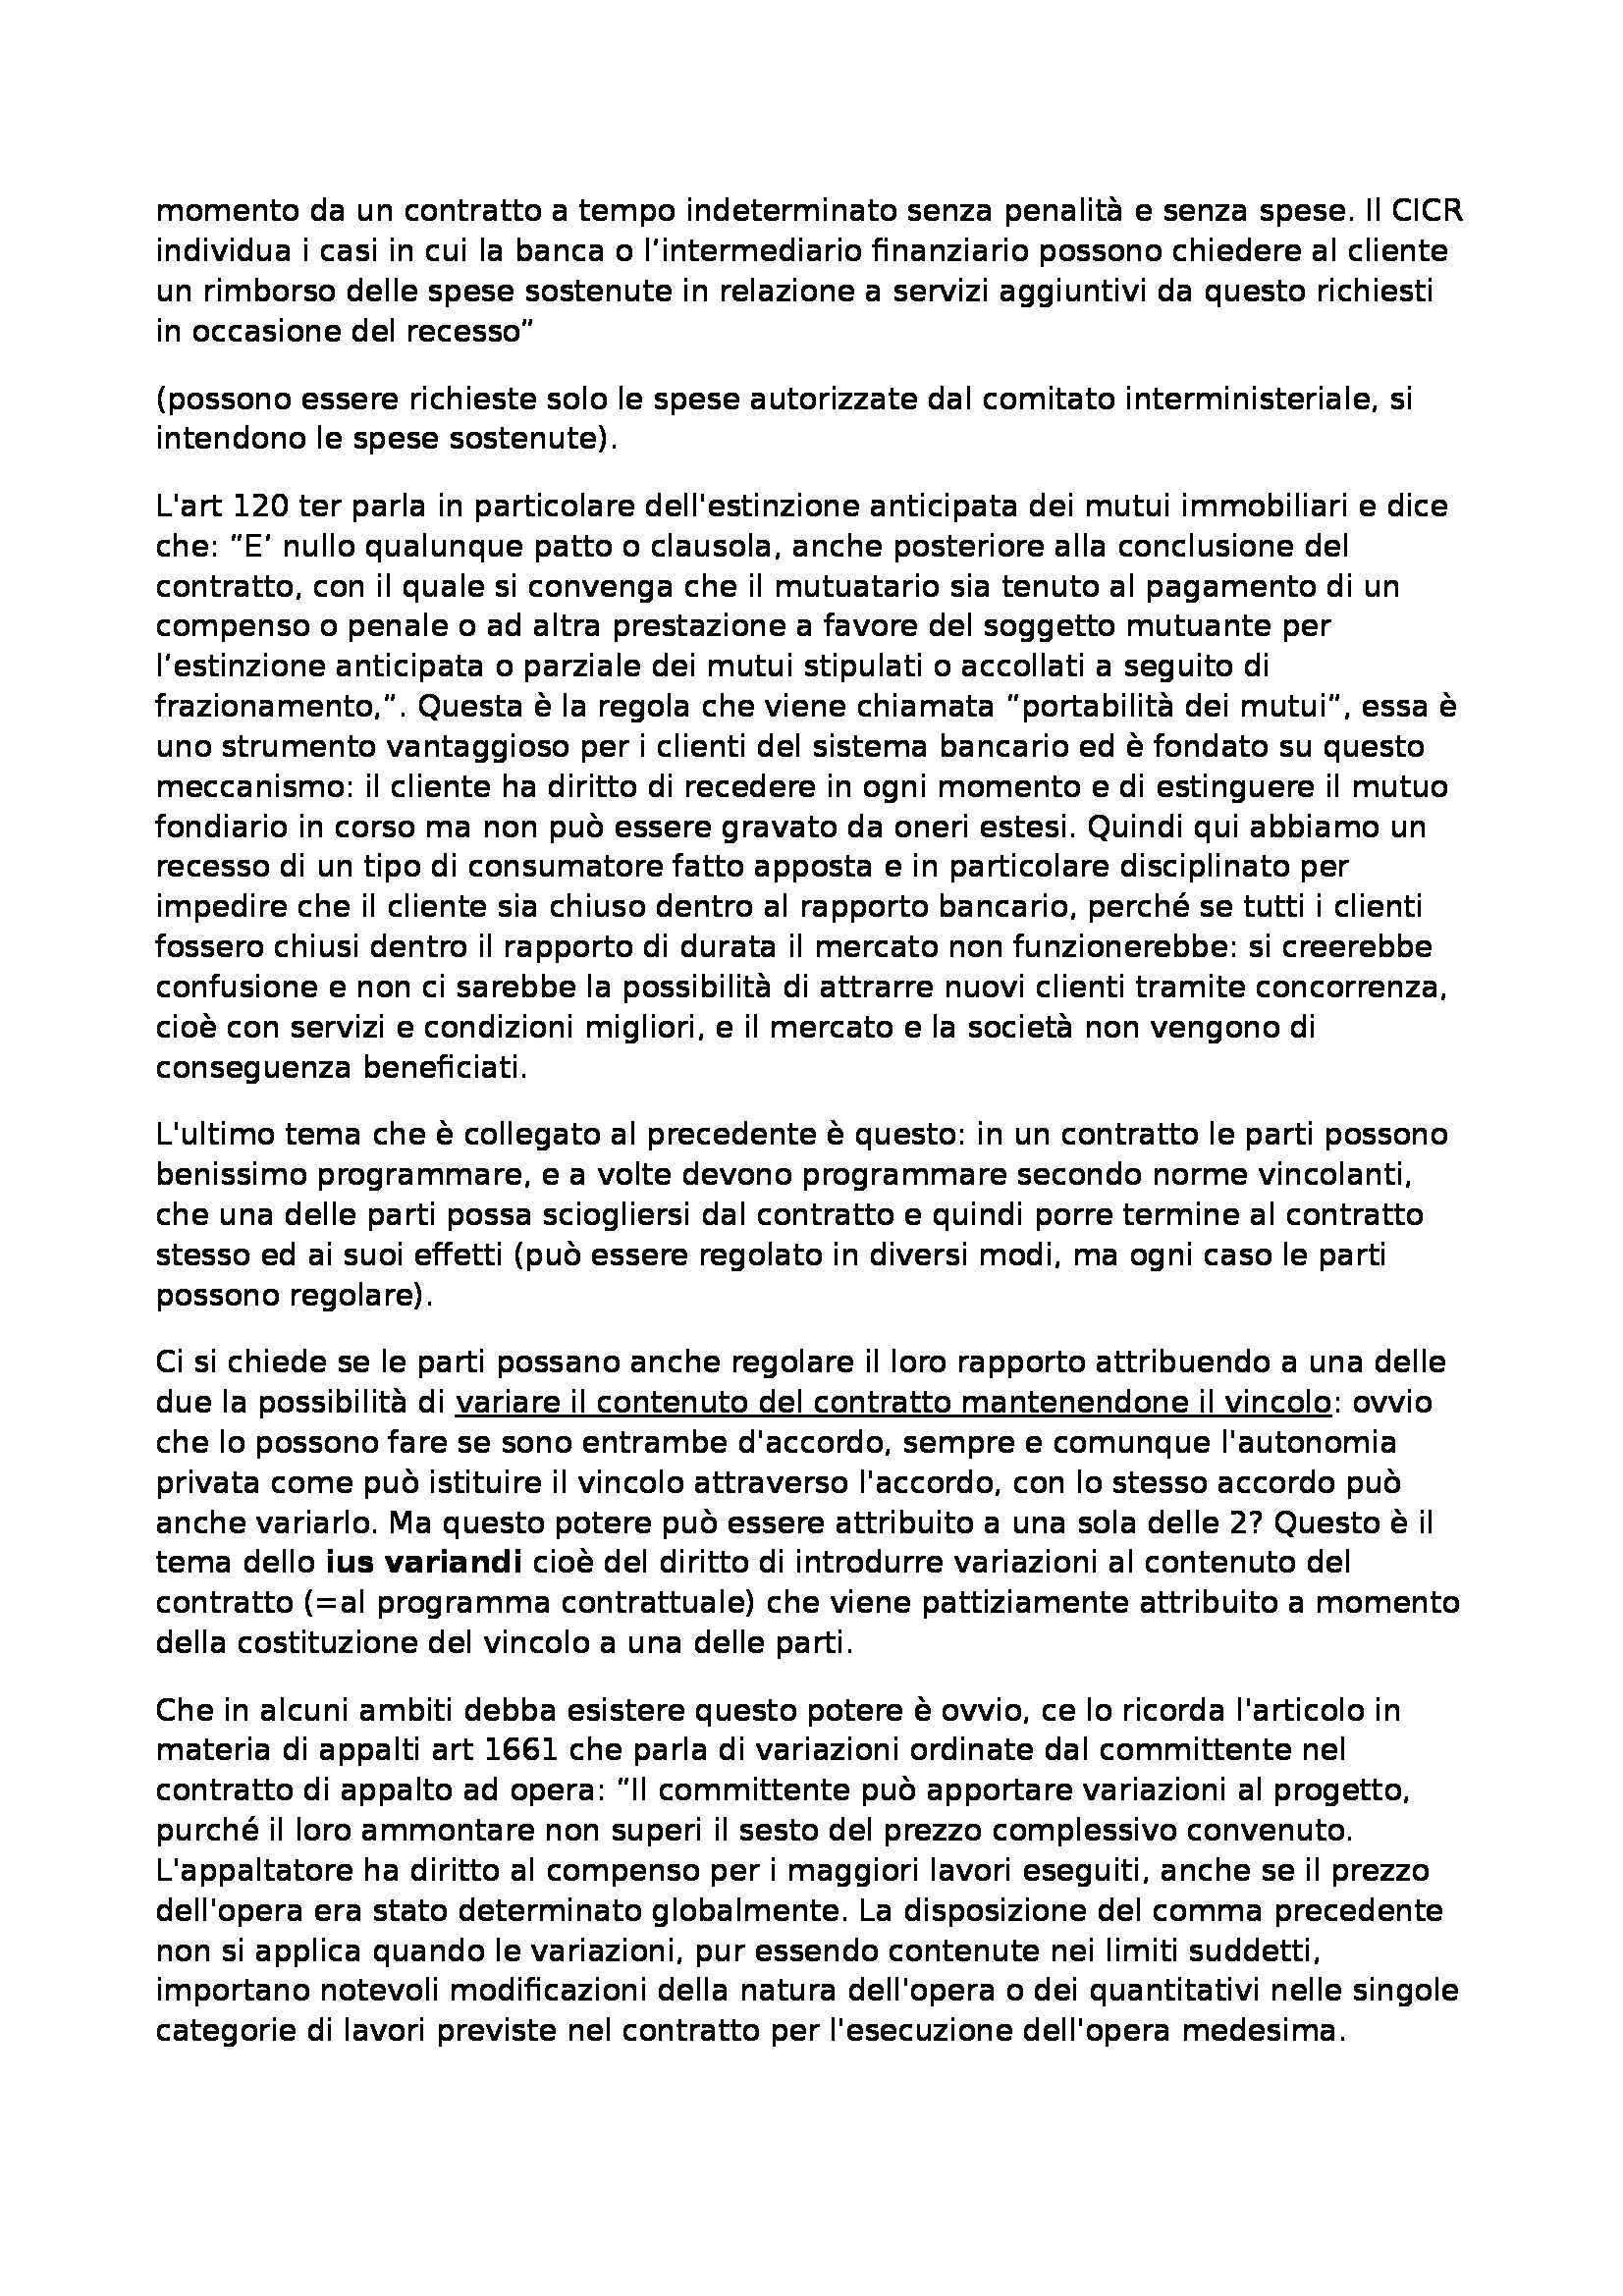 Diritto civile I - Lezioni e appunti Pag. 91